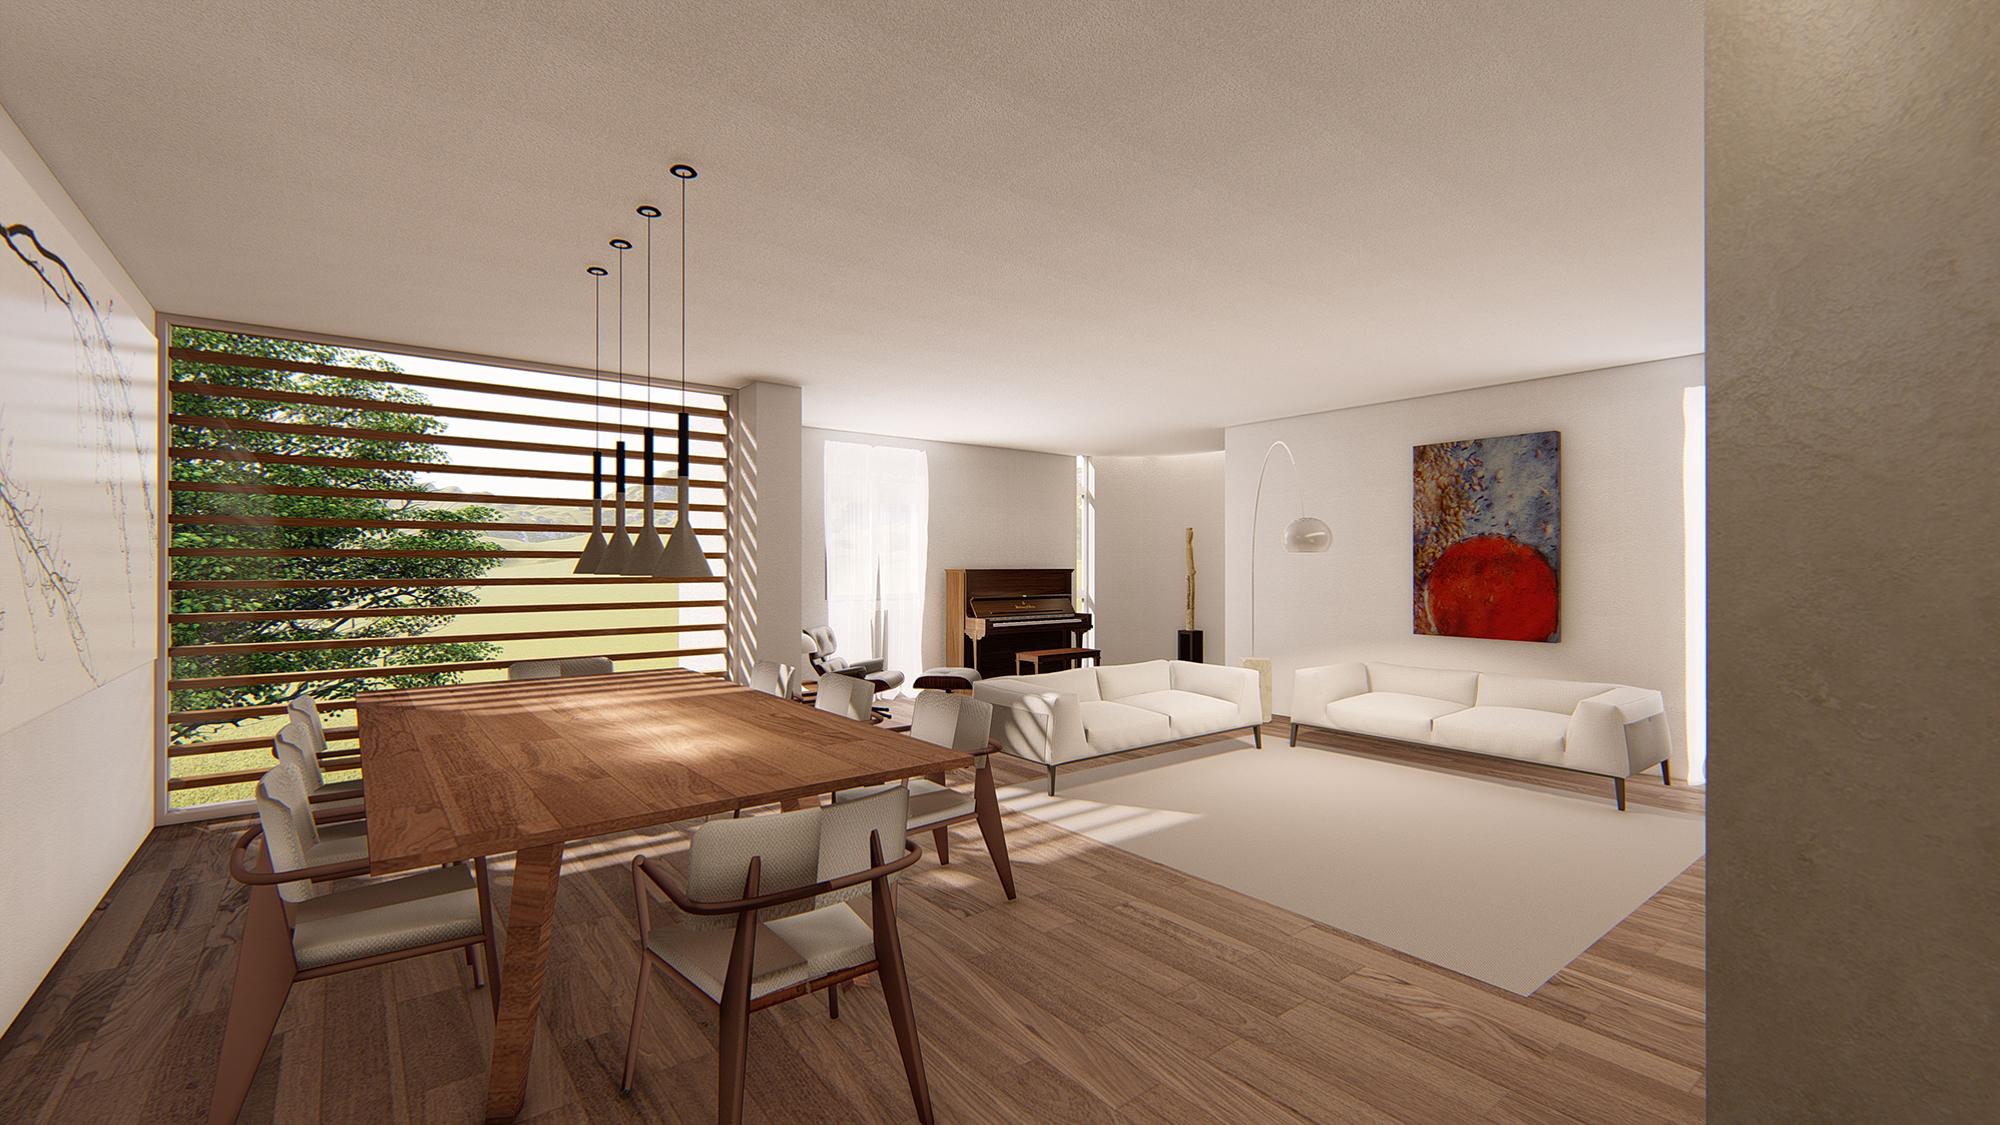 CASA G+B | PROGETTO D'INTERNI DI ABITAZIONE PRIVATA, Campi Bisenzio (Fi)   Interior design per una residenza privata di circa 150 mq, nella quale saranno applicati materiali di livello come parquet in teak, resine e preziosi mosaici